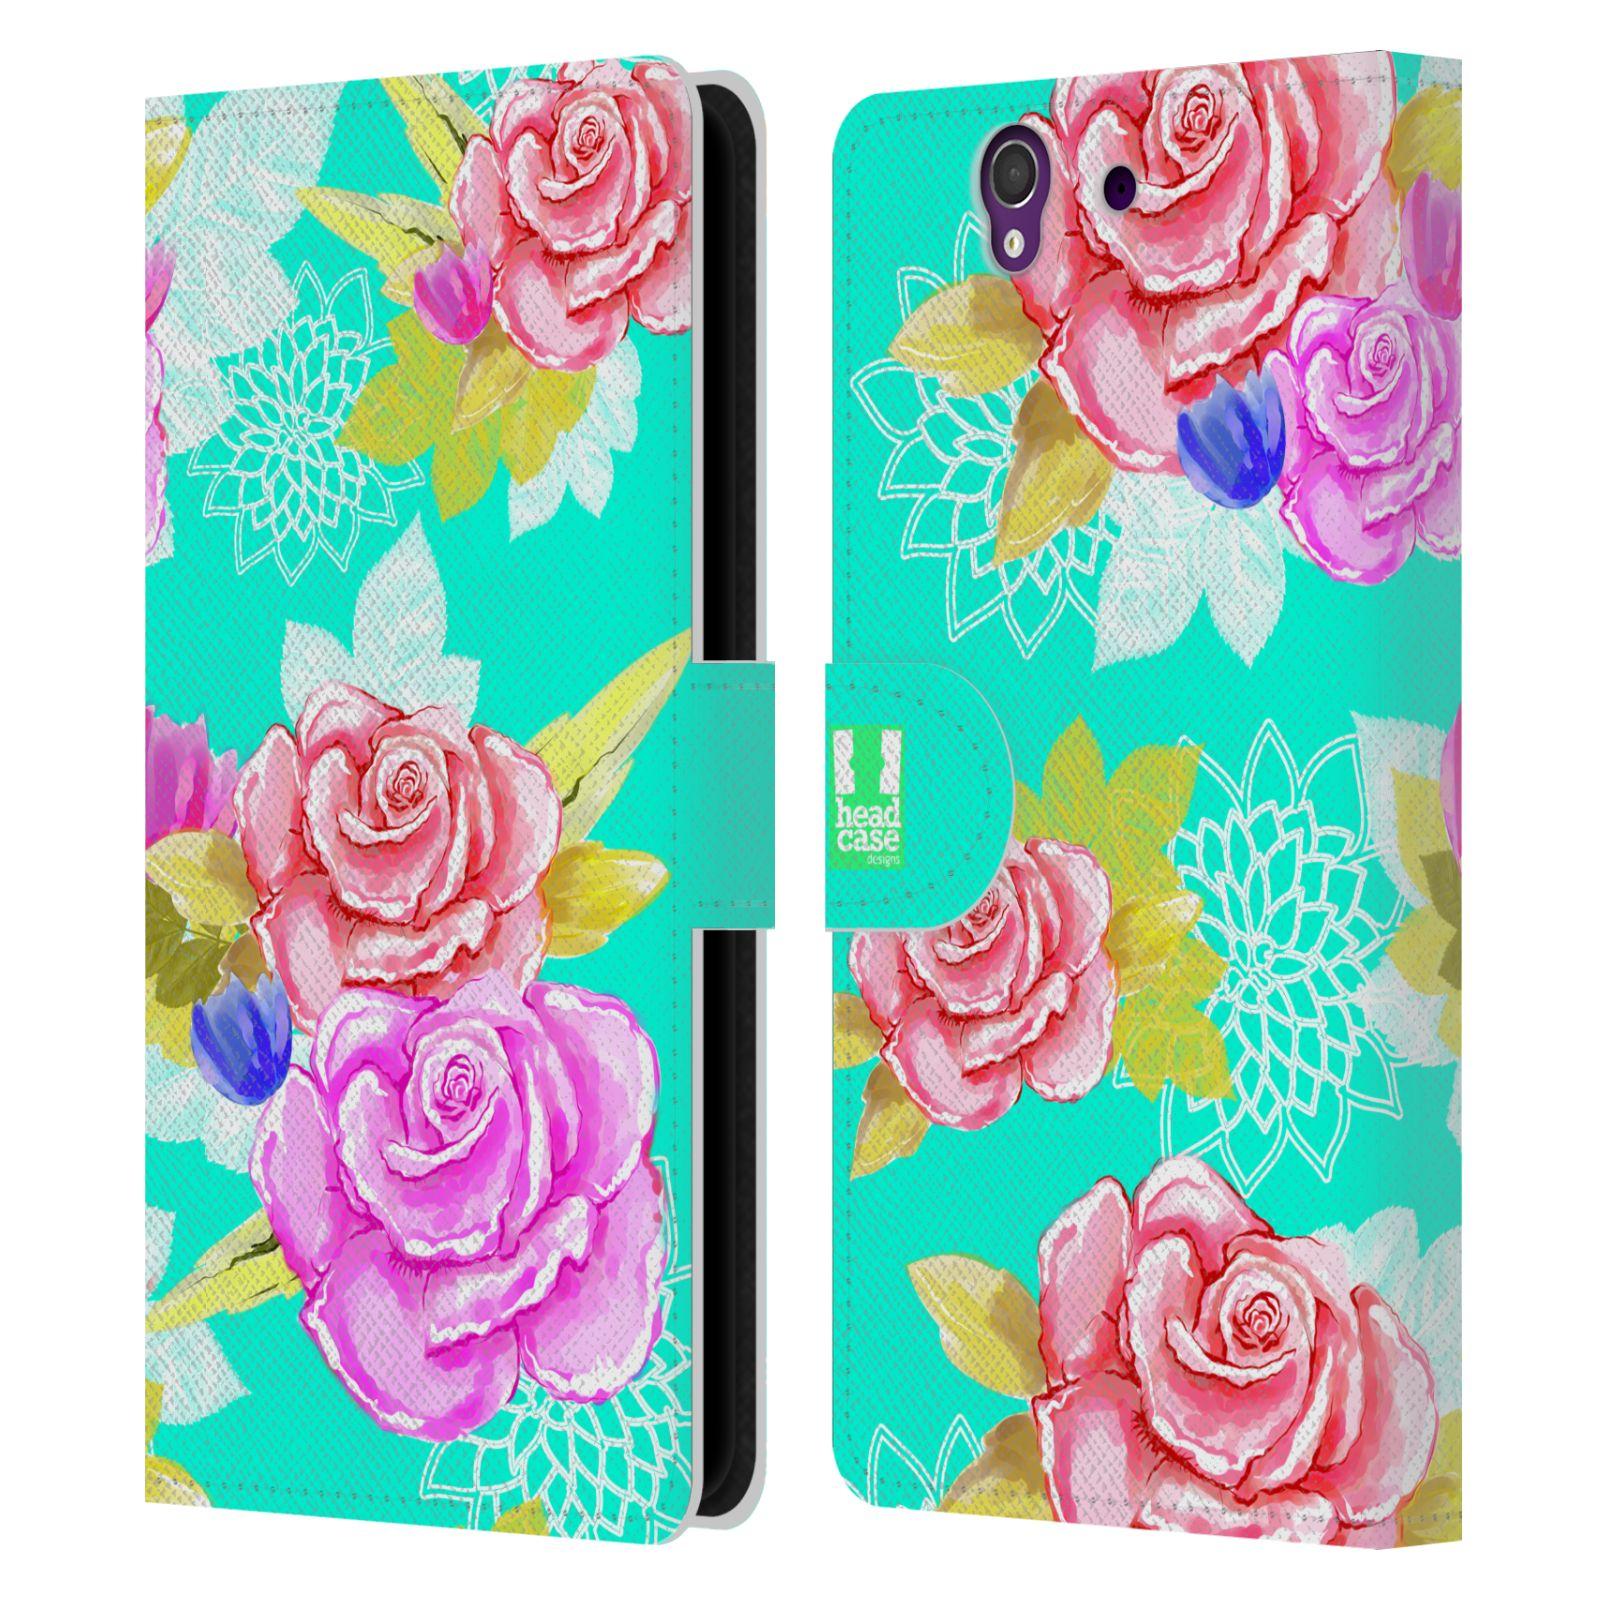 HEAD CASE Flipové pouzdro pro mobil SONY XPERIA Z (C6603) barevné kreslené květiny modrá voda